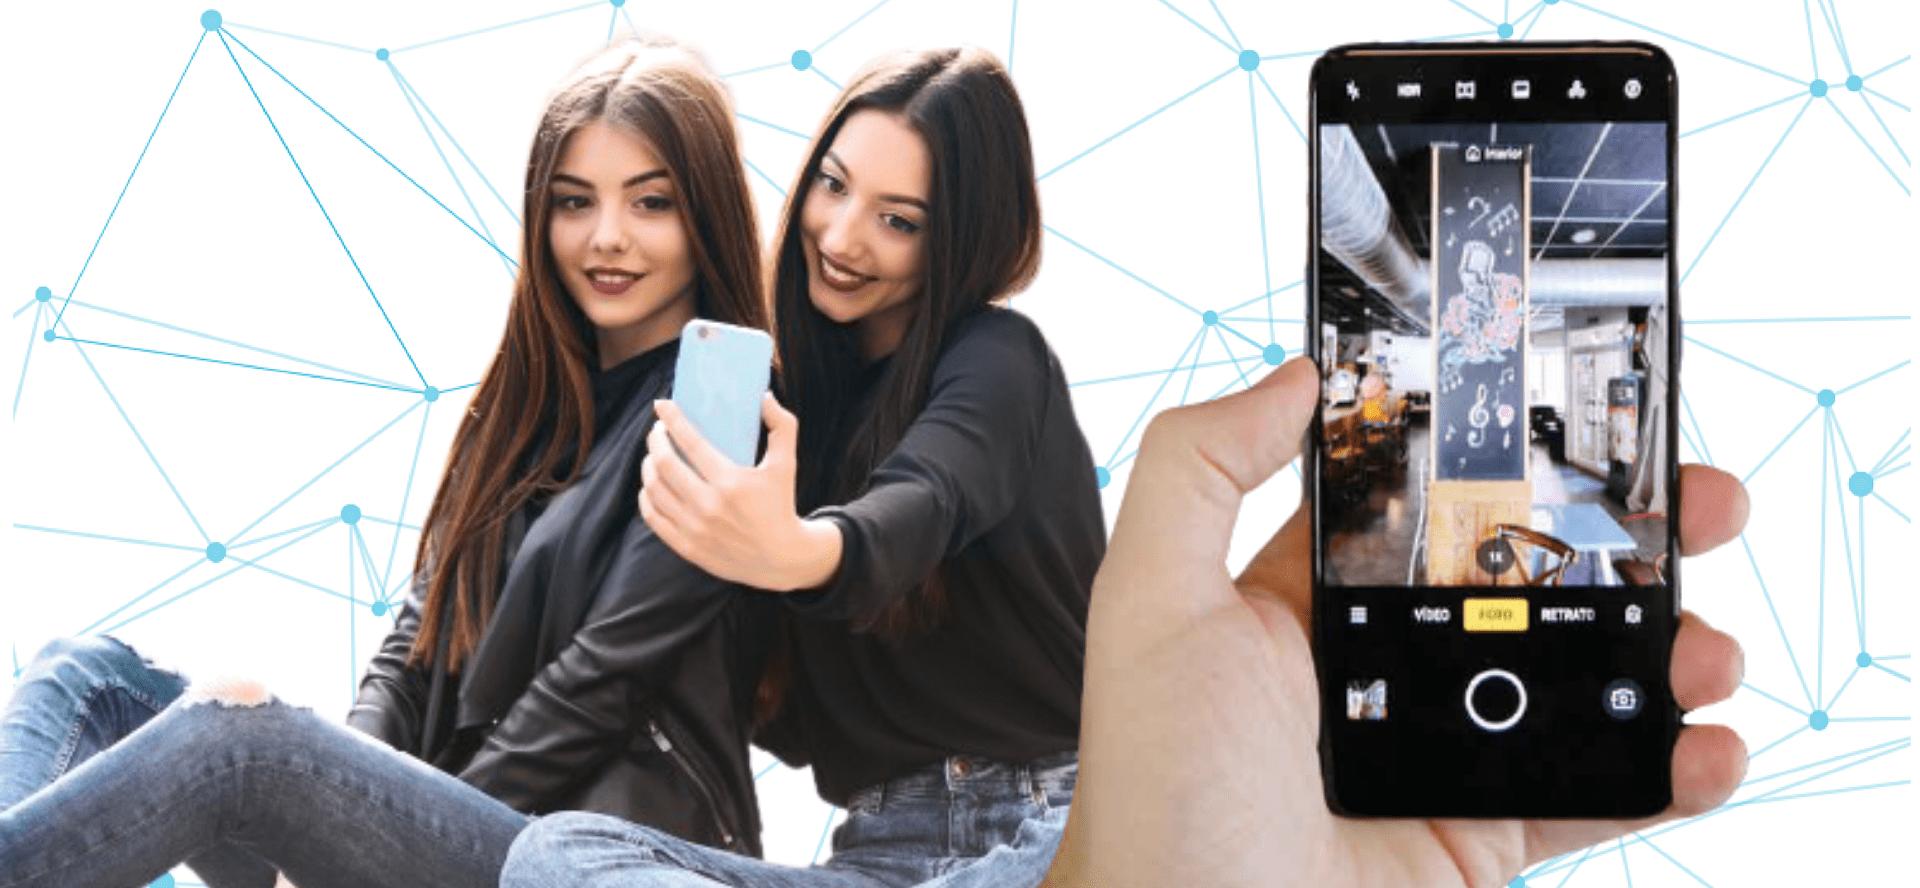 Android repunta sus ventas por la mejoría en la sección fotográfica